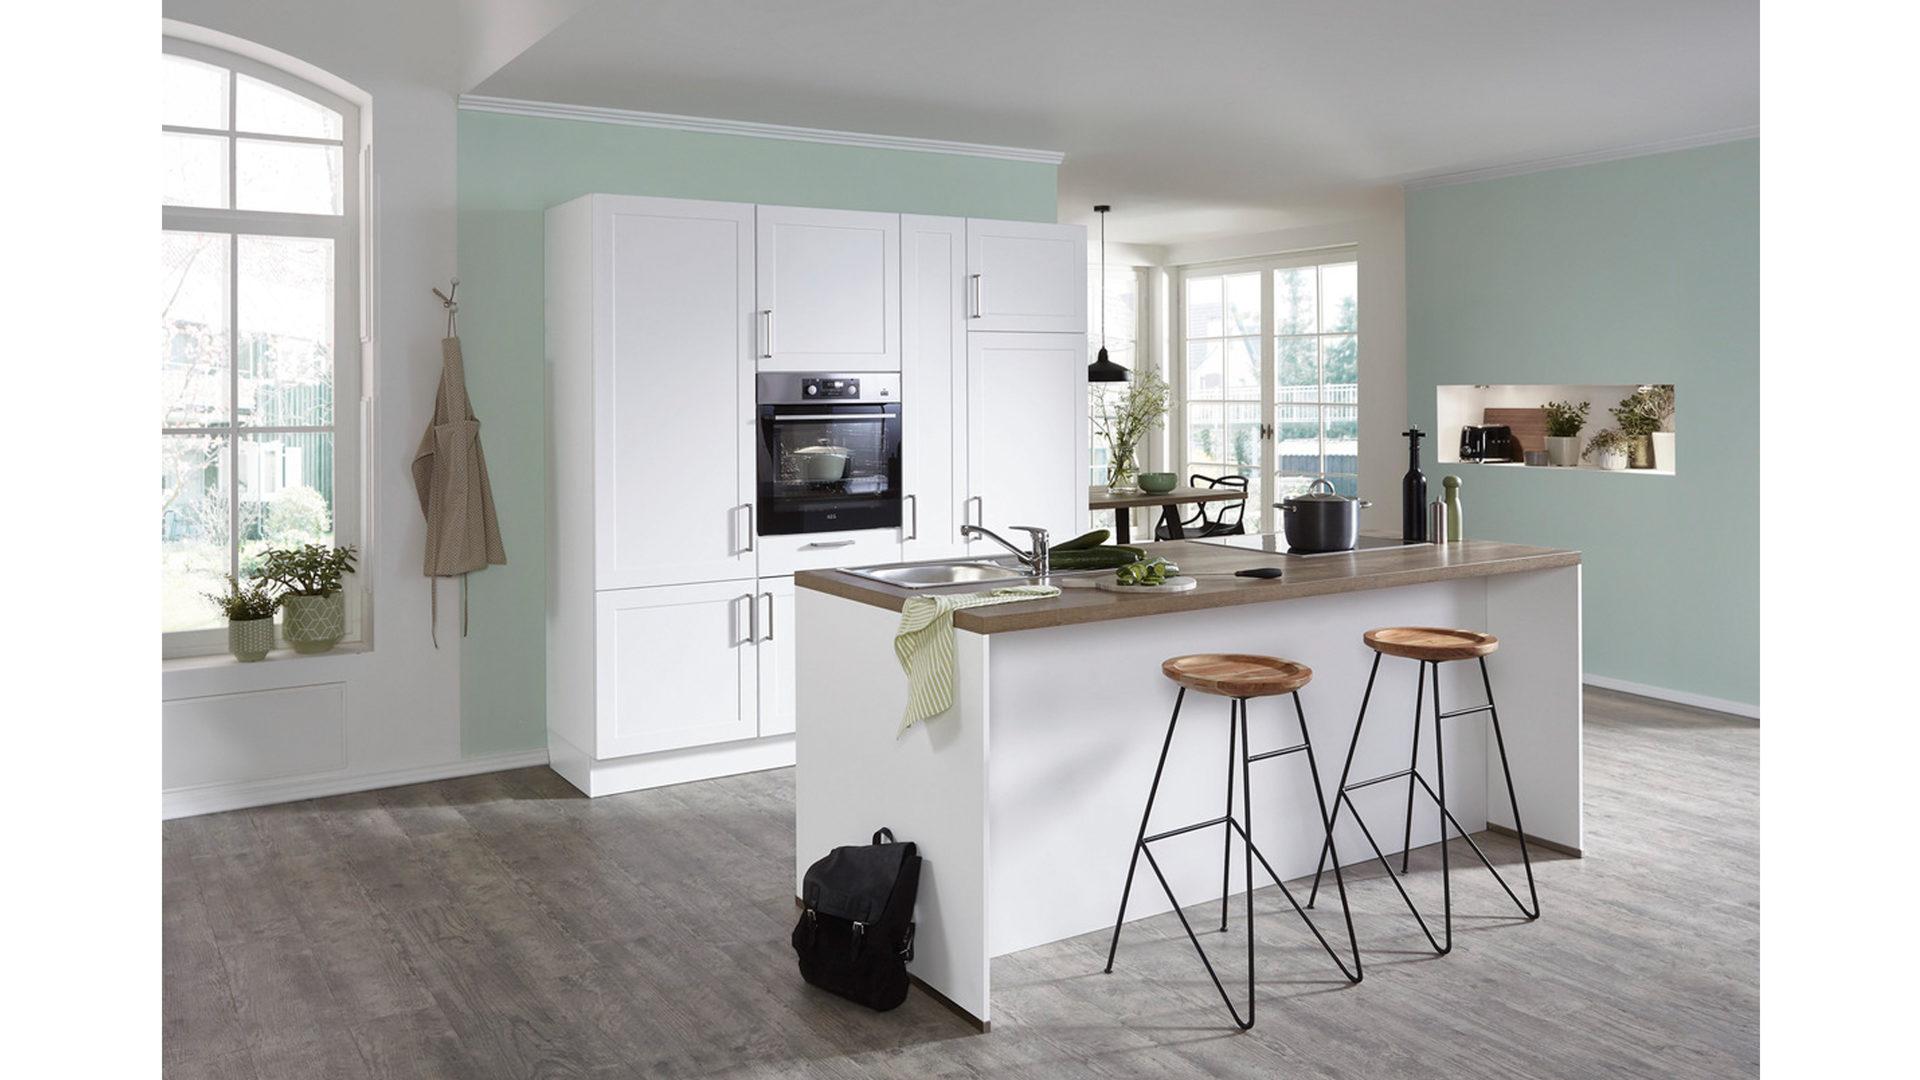 Möbel Steffens Küchen möbel steffens lamstedt möbel a z küchen einbauküche mit aeg